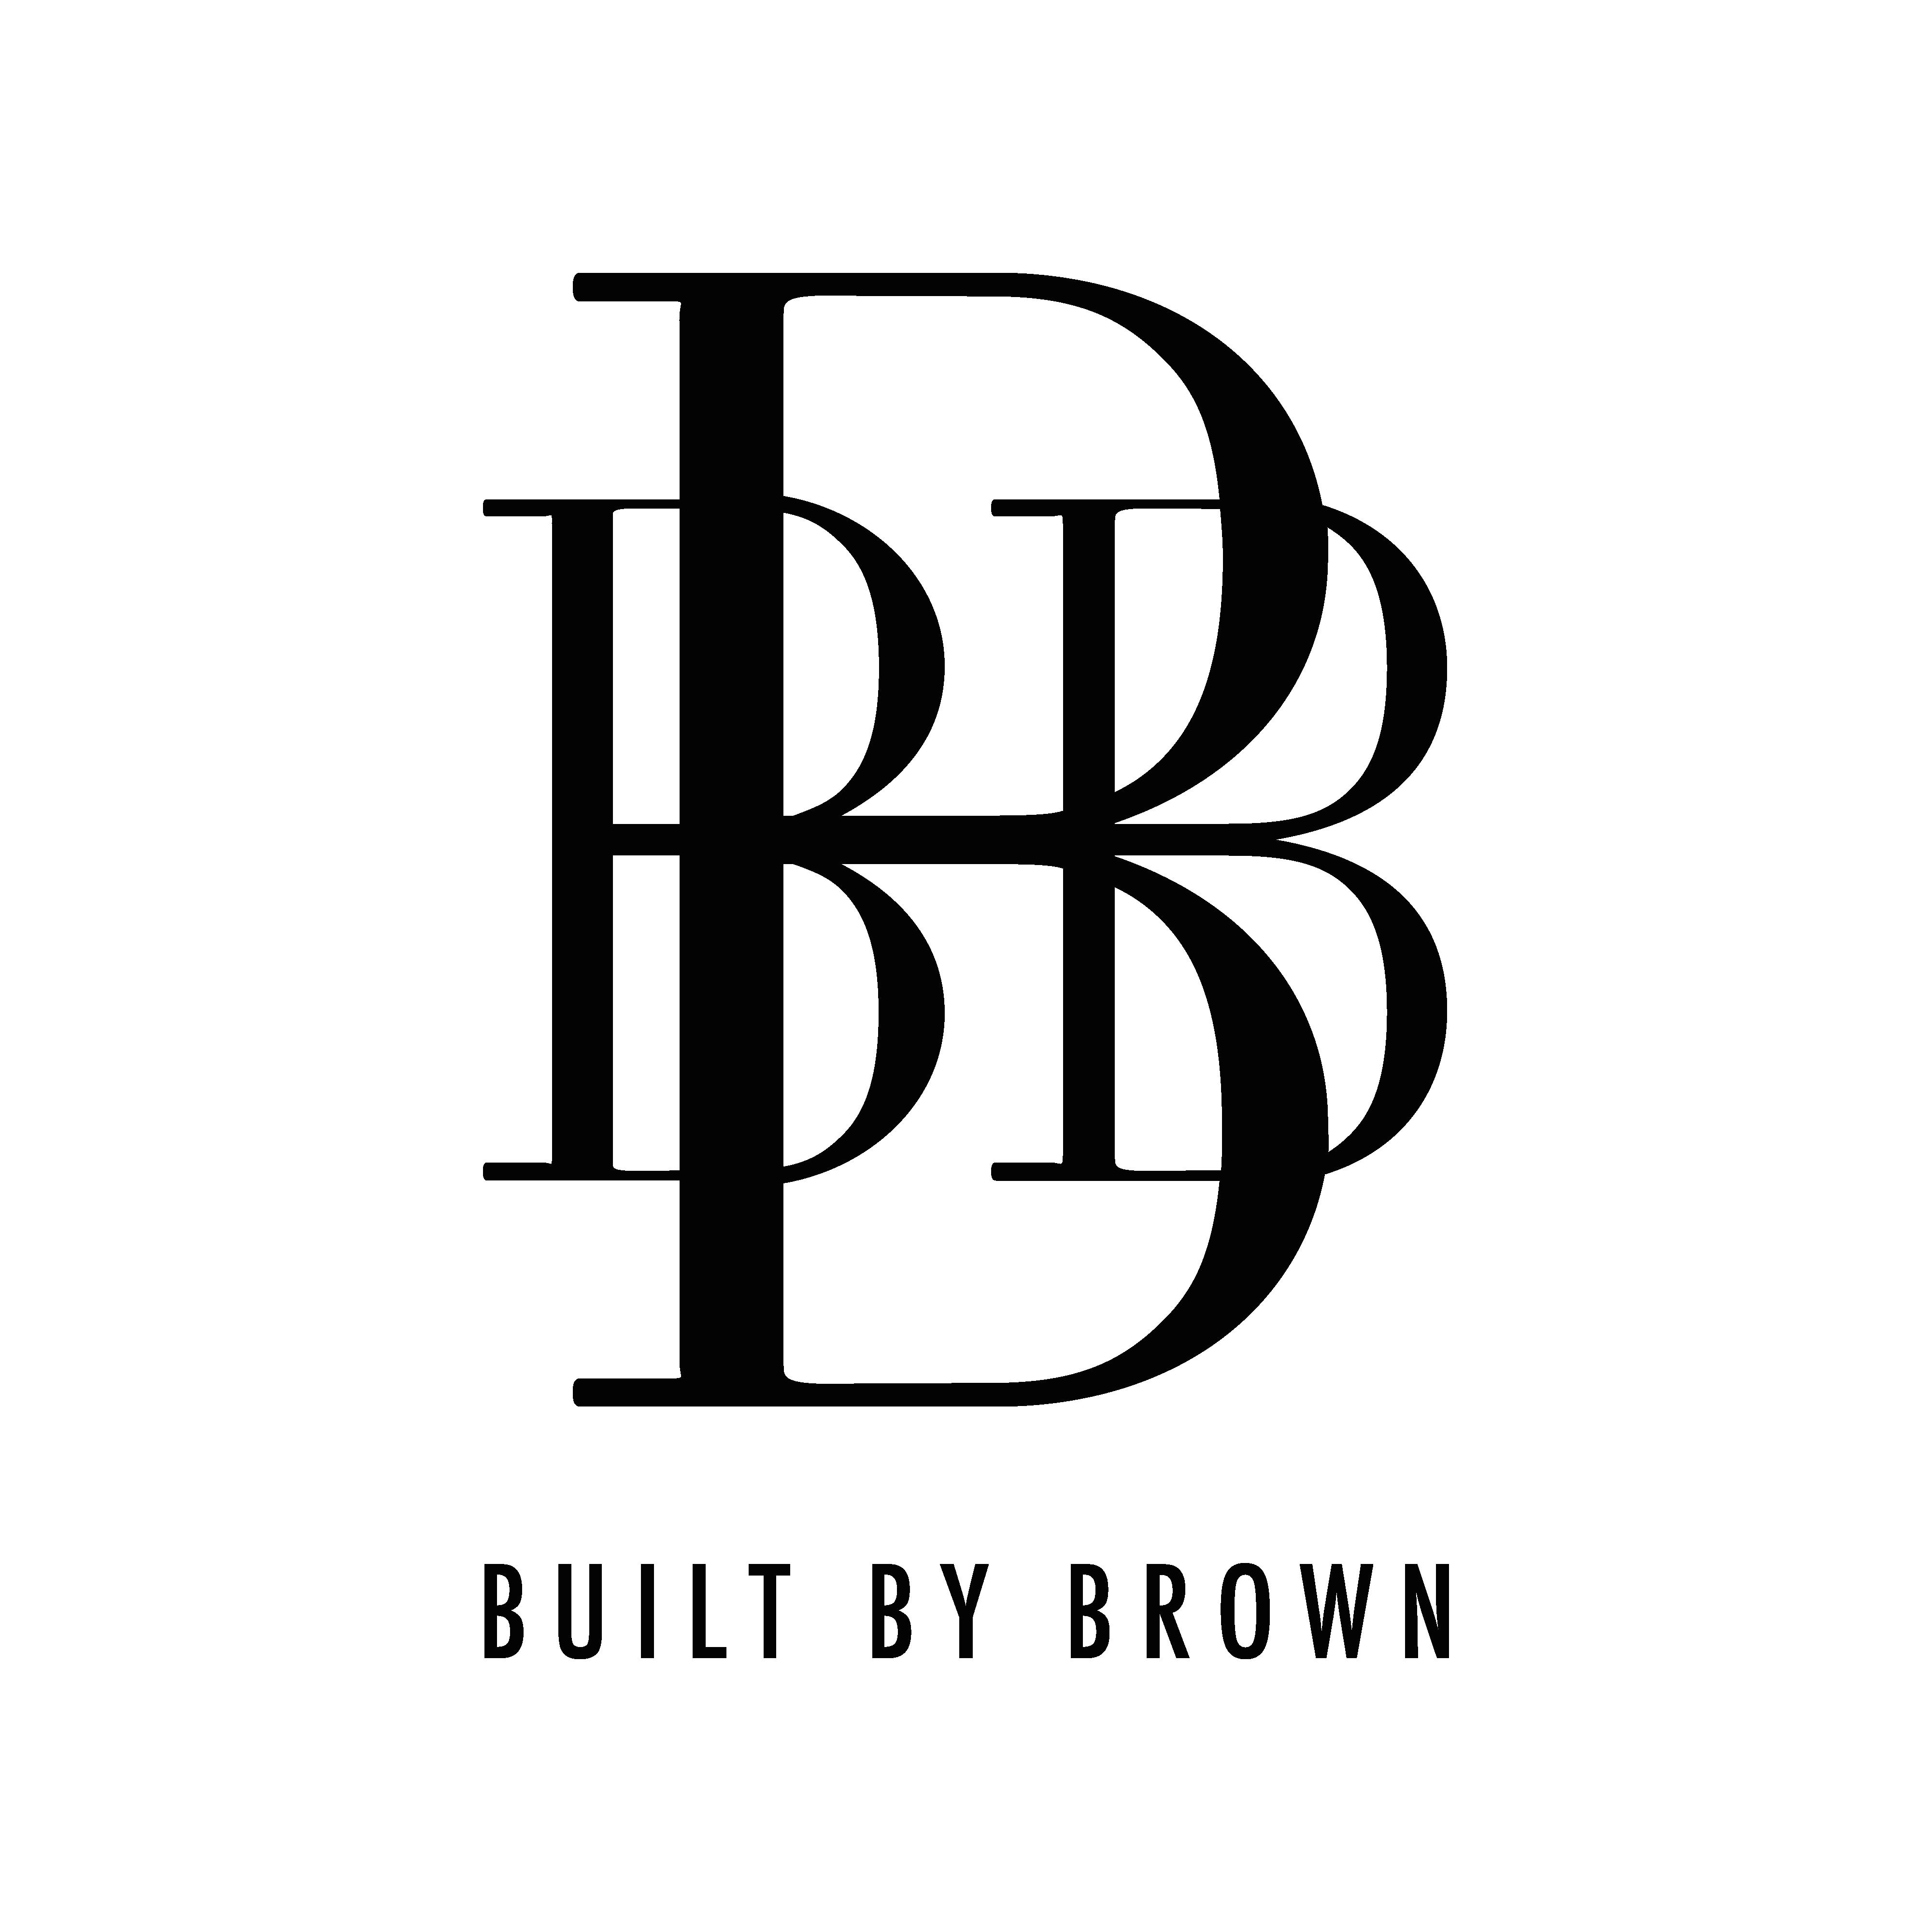 BuiltByBrown